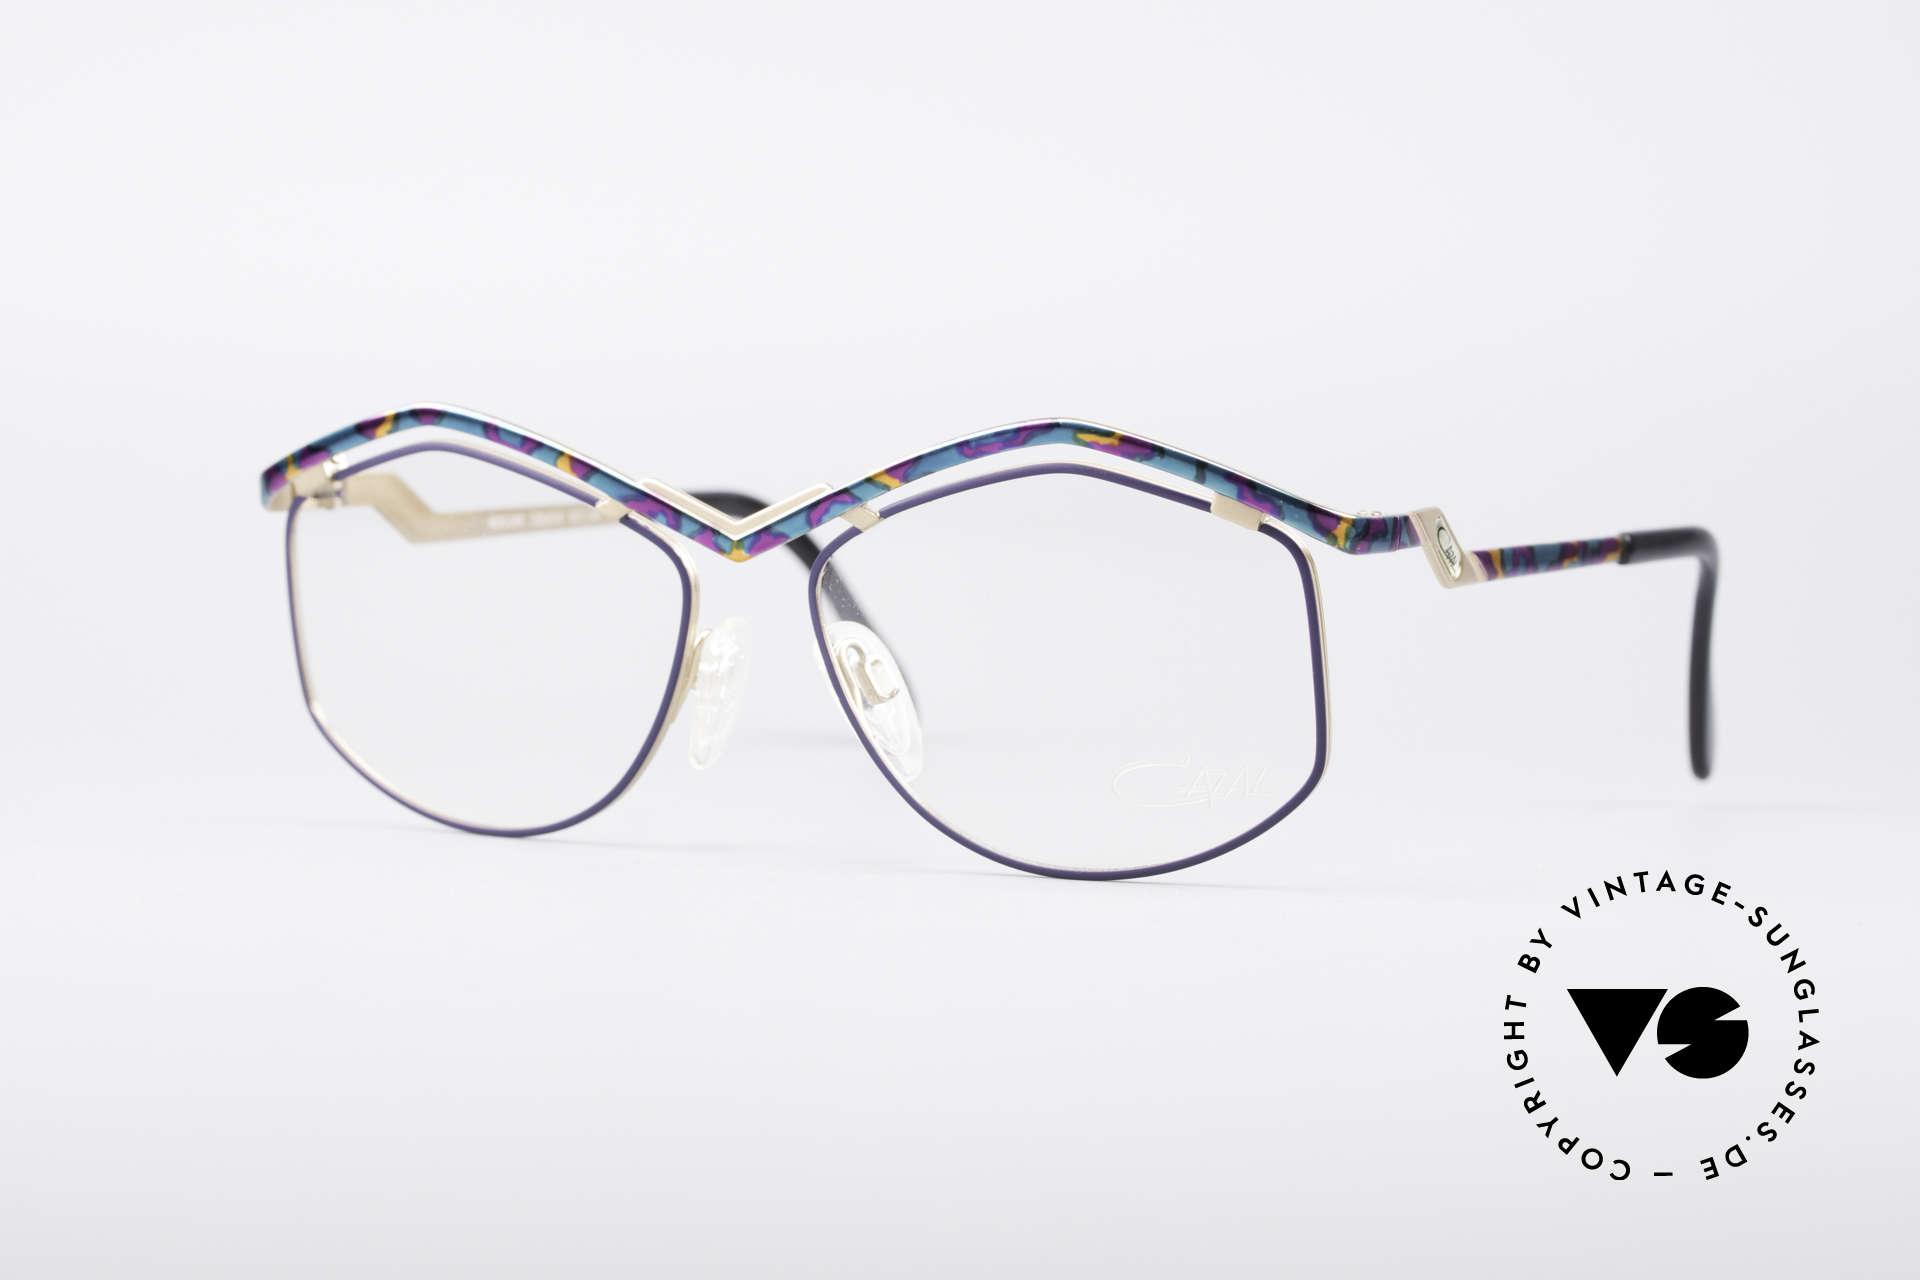 Cazal 249 Pop Art 90's Titanium, elaborate designer eyeglasses by CAZAL of the 90's, Made for Women